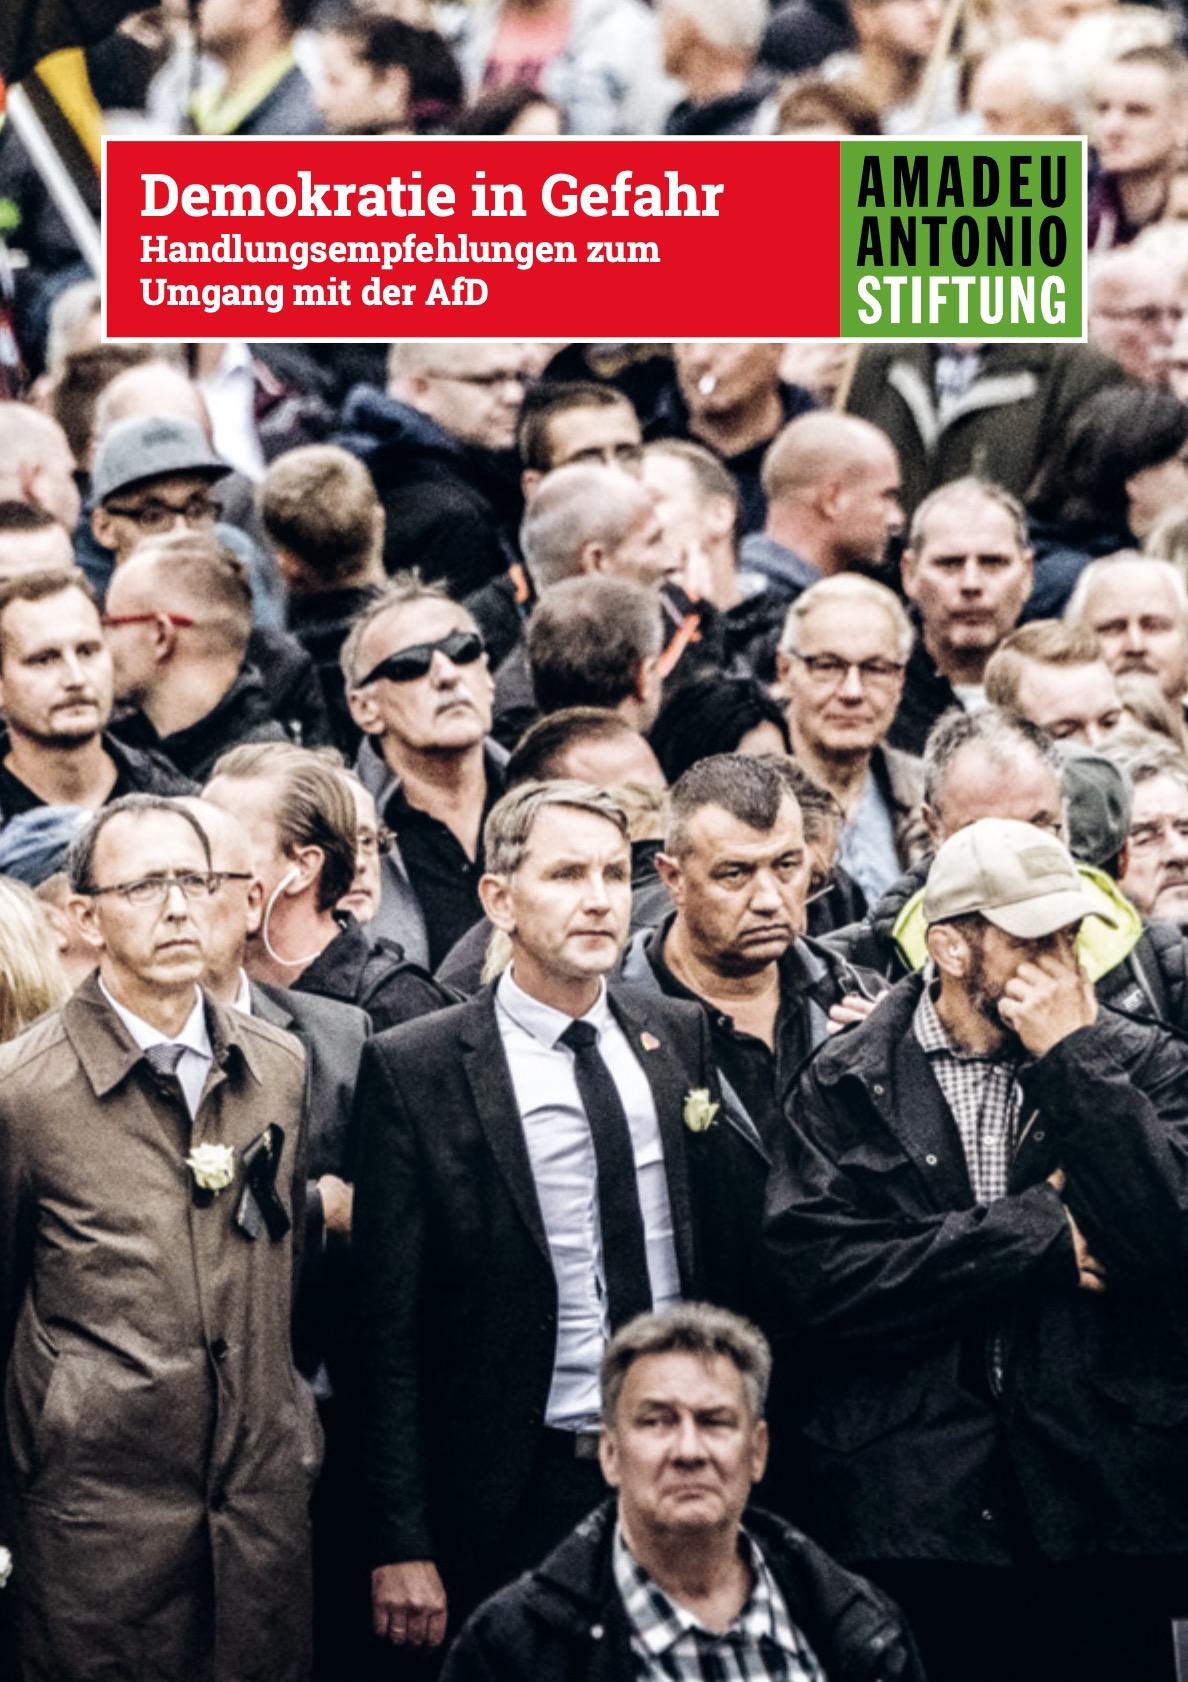 Demokratie in Gefahr – Handlungsempfehlungen zum Umgang mit der AfD